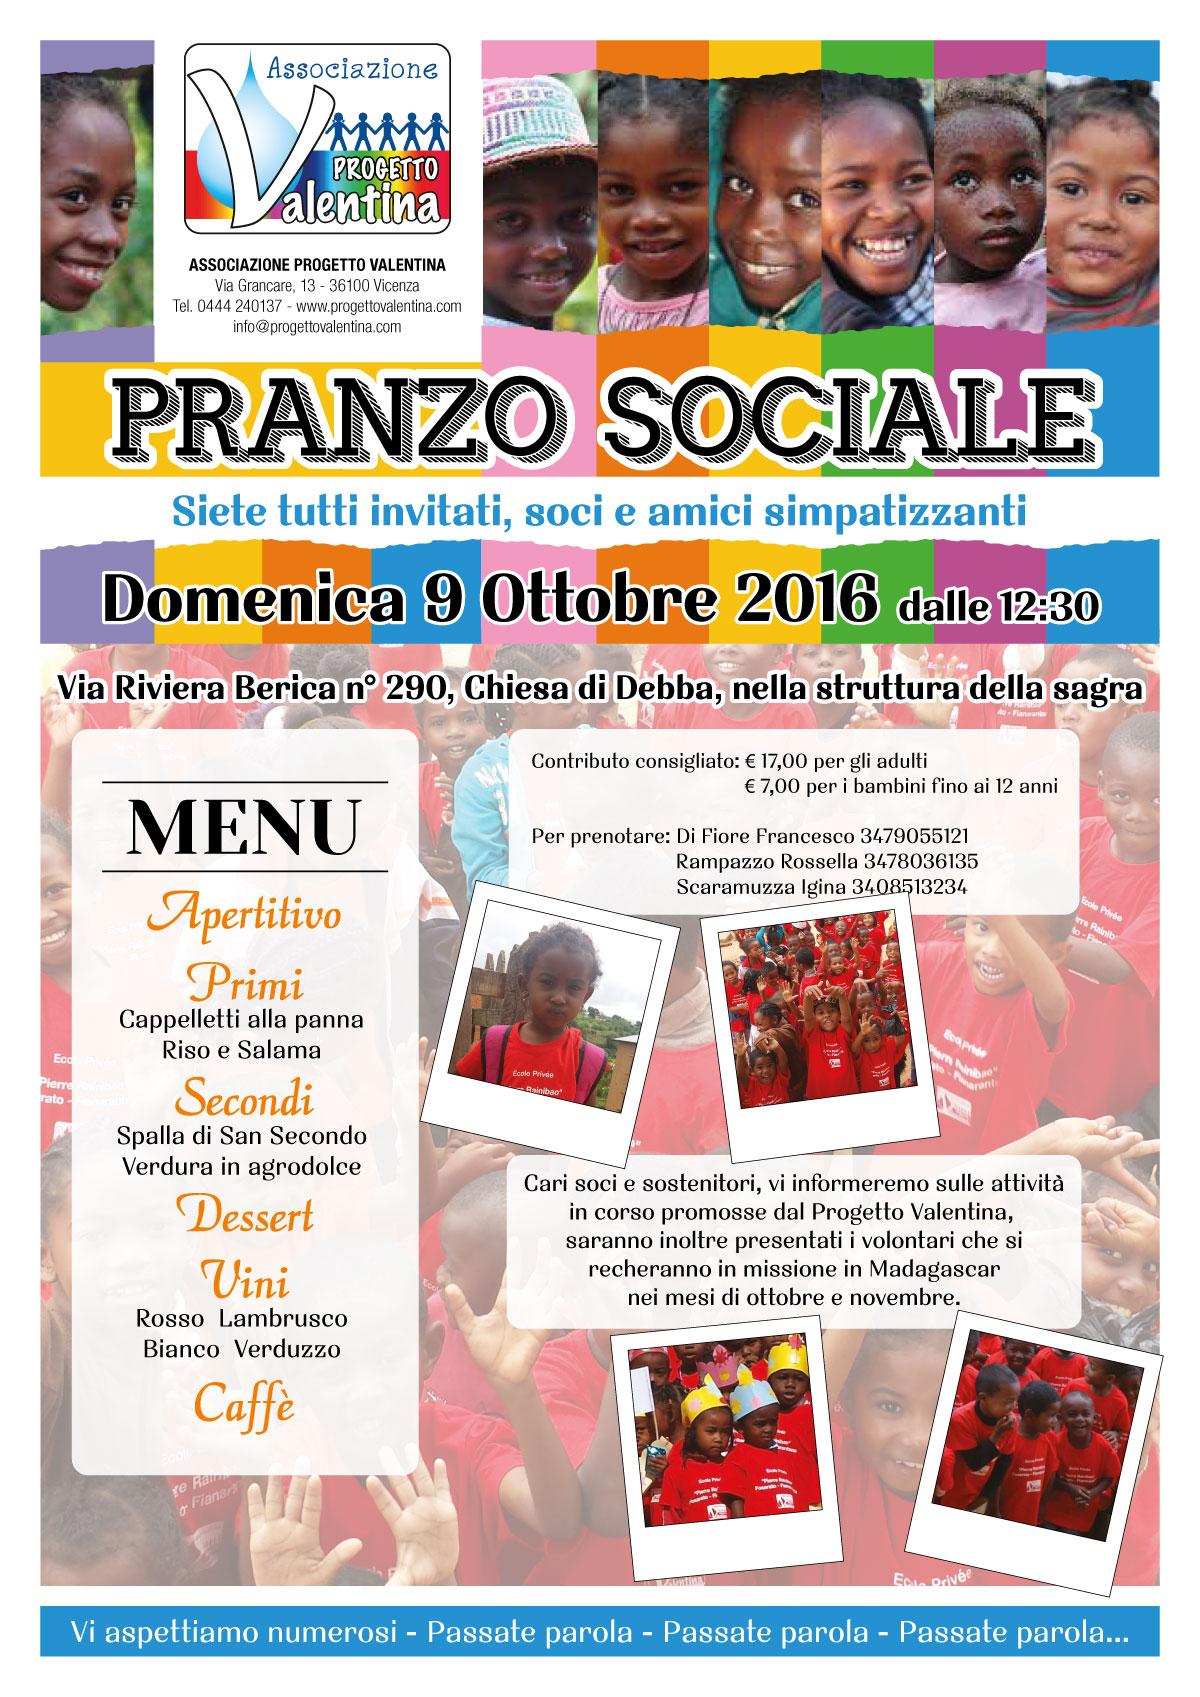 Pranzo Sociale - Domenica 9 Ottobre 2016